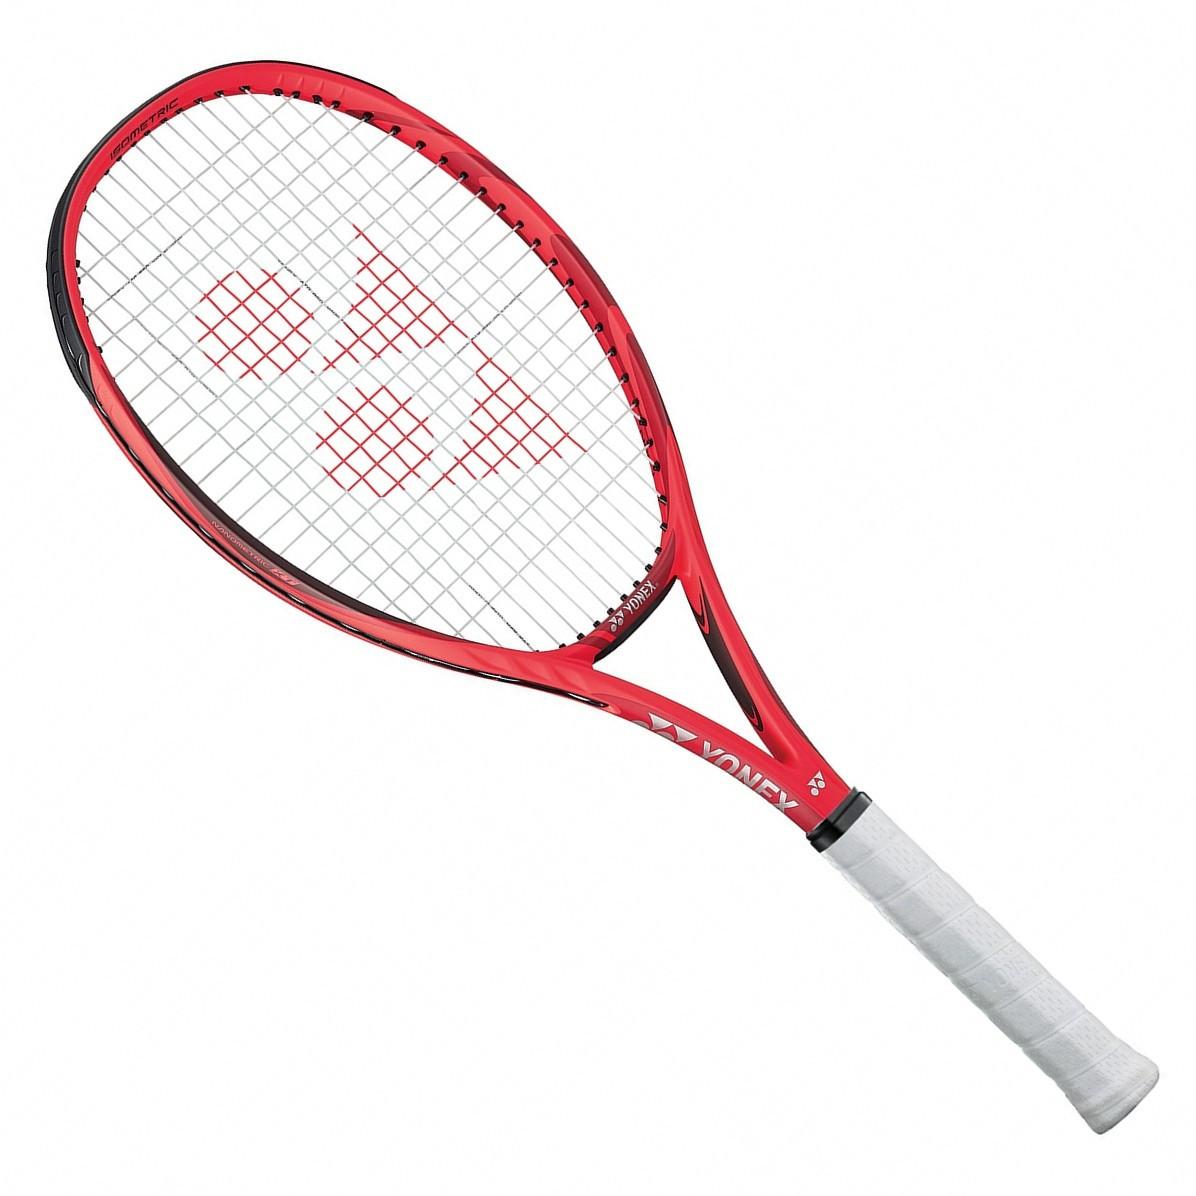 Ракетка для тенниса Yonex 18 Vcore 100 L (280g) Flame Red G3